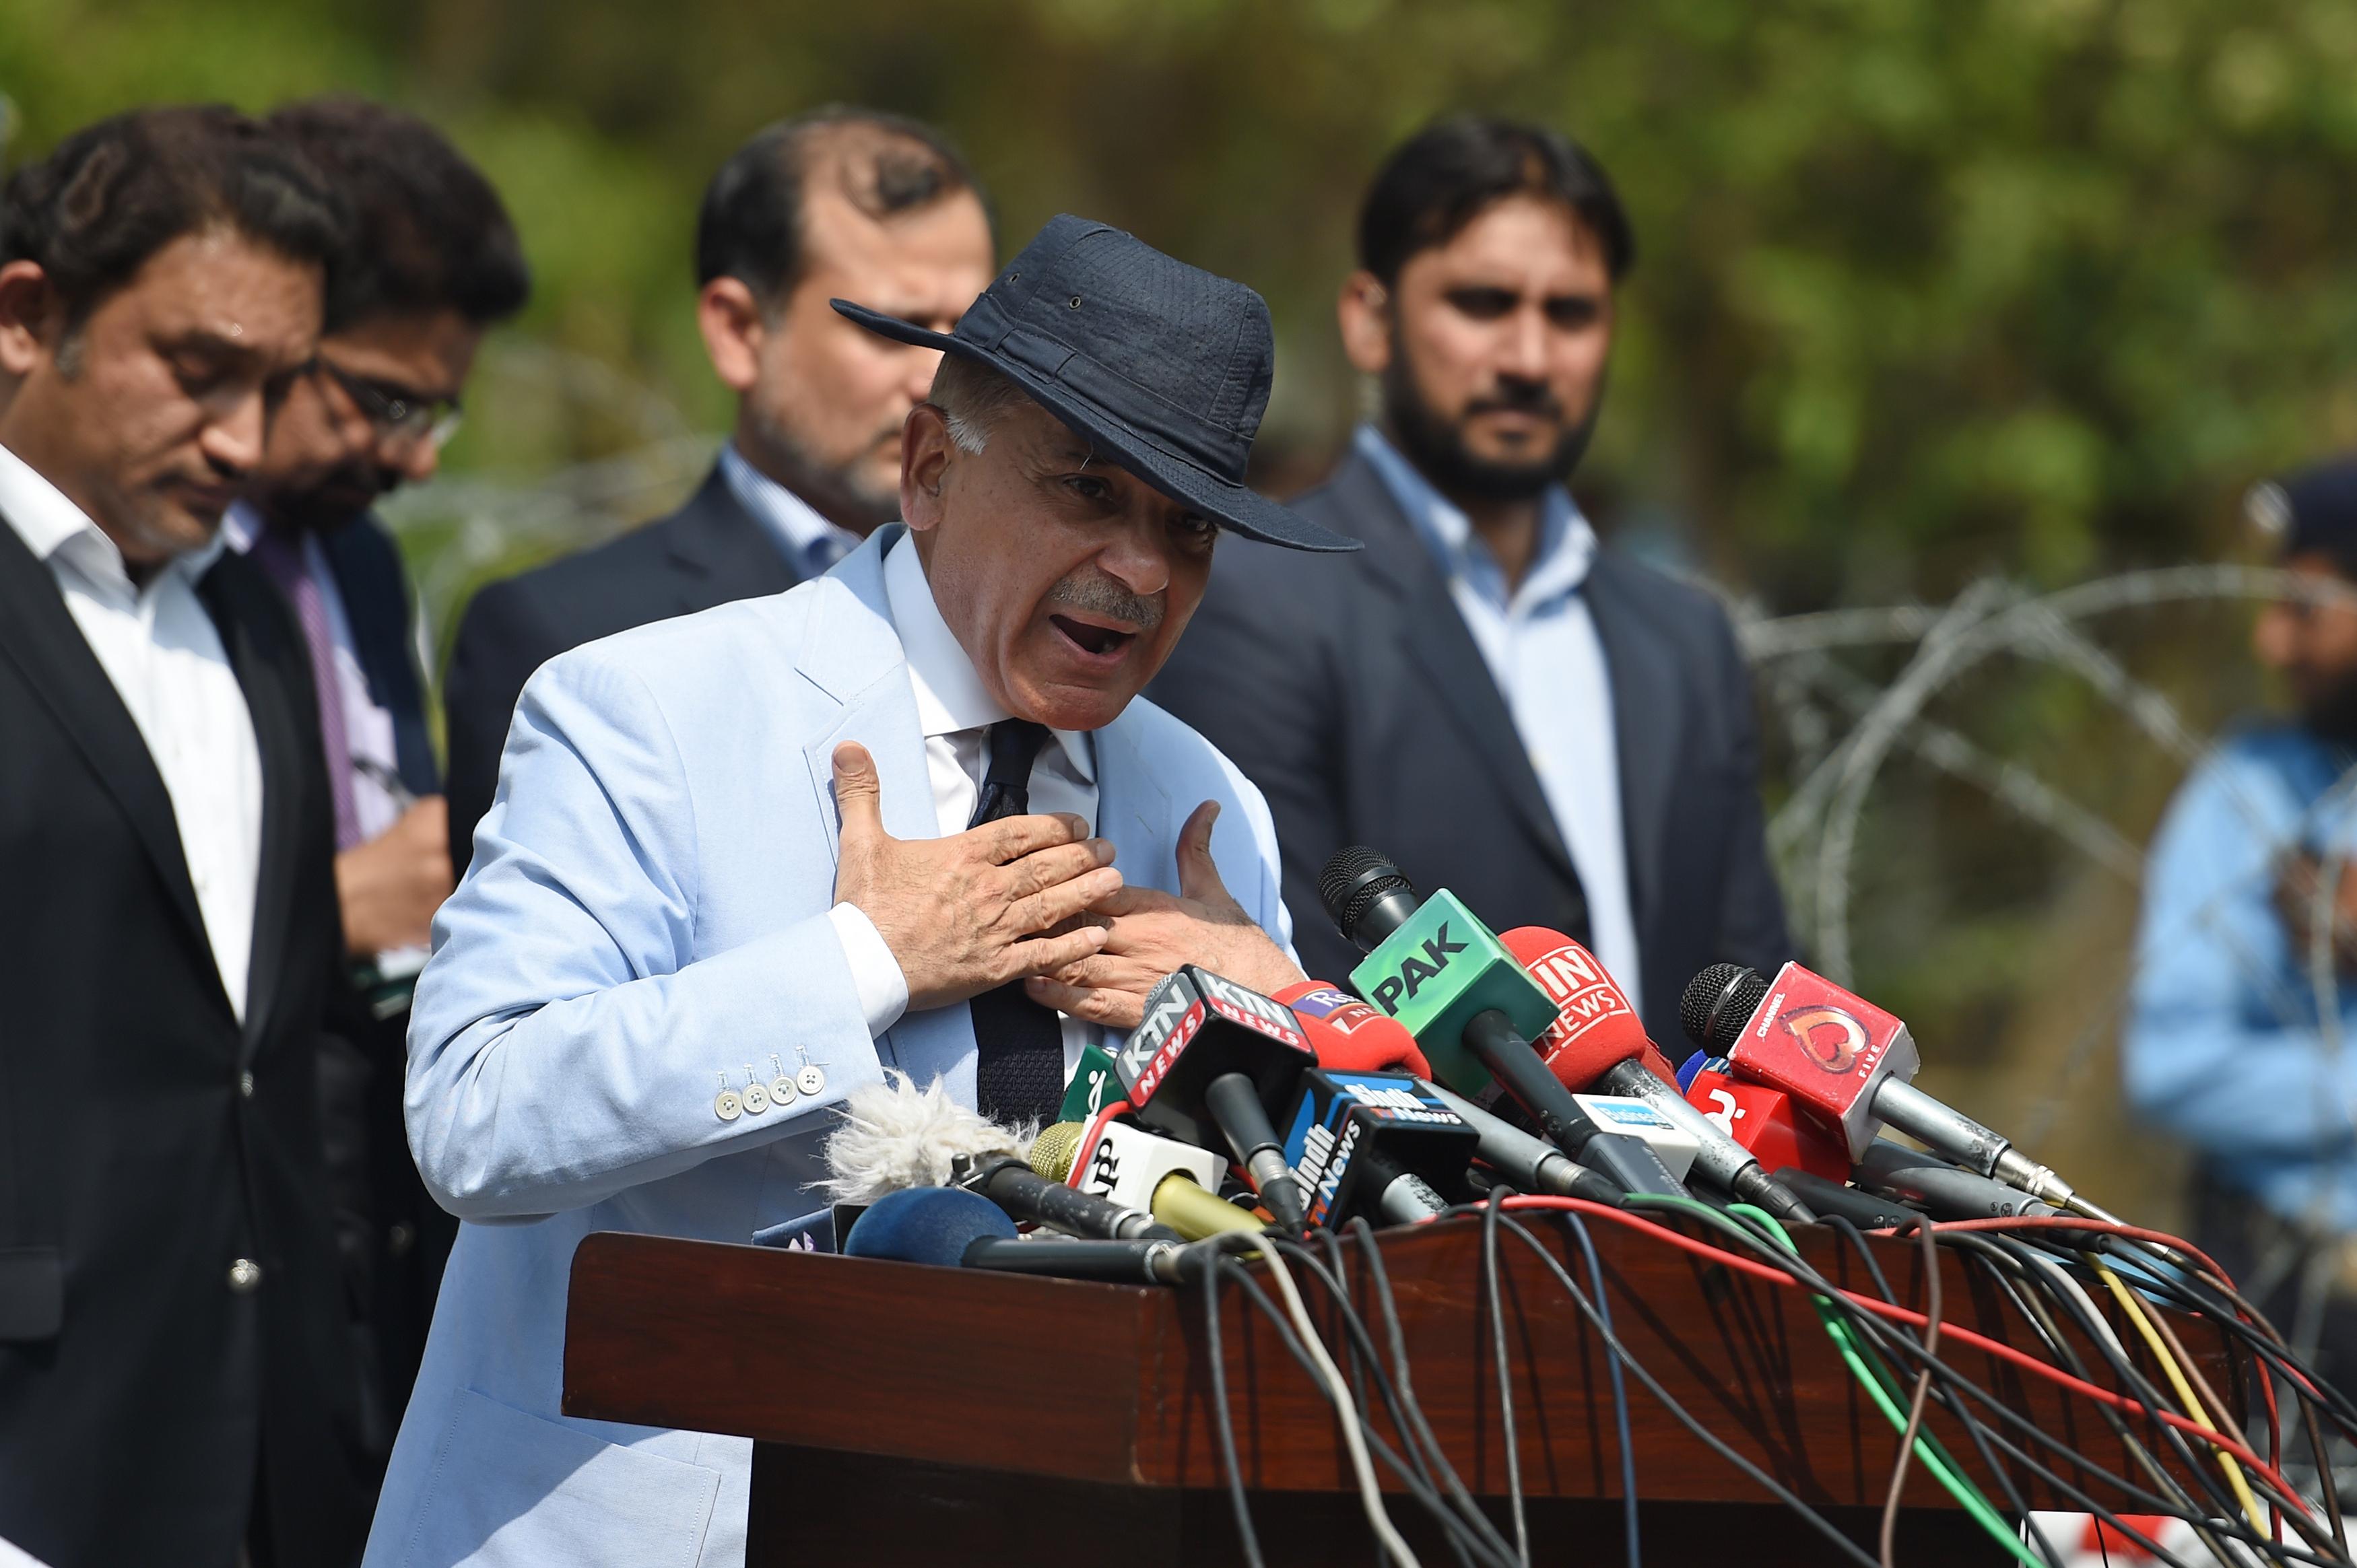 A pakisztáni kormányfő, akit azért mondattak le, mert nem tudott elszámolni a családja gazdagodásával, az öccsét nevezte meg utódjául